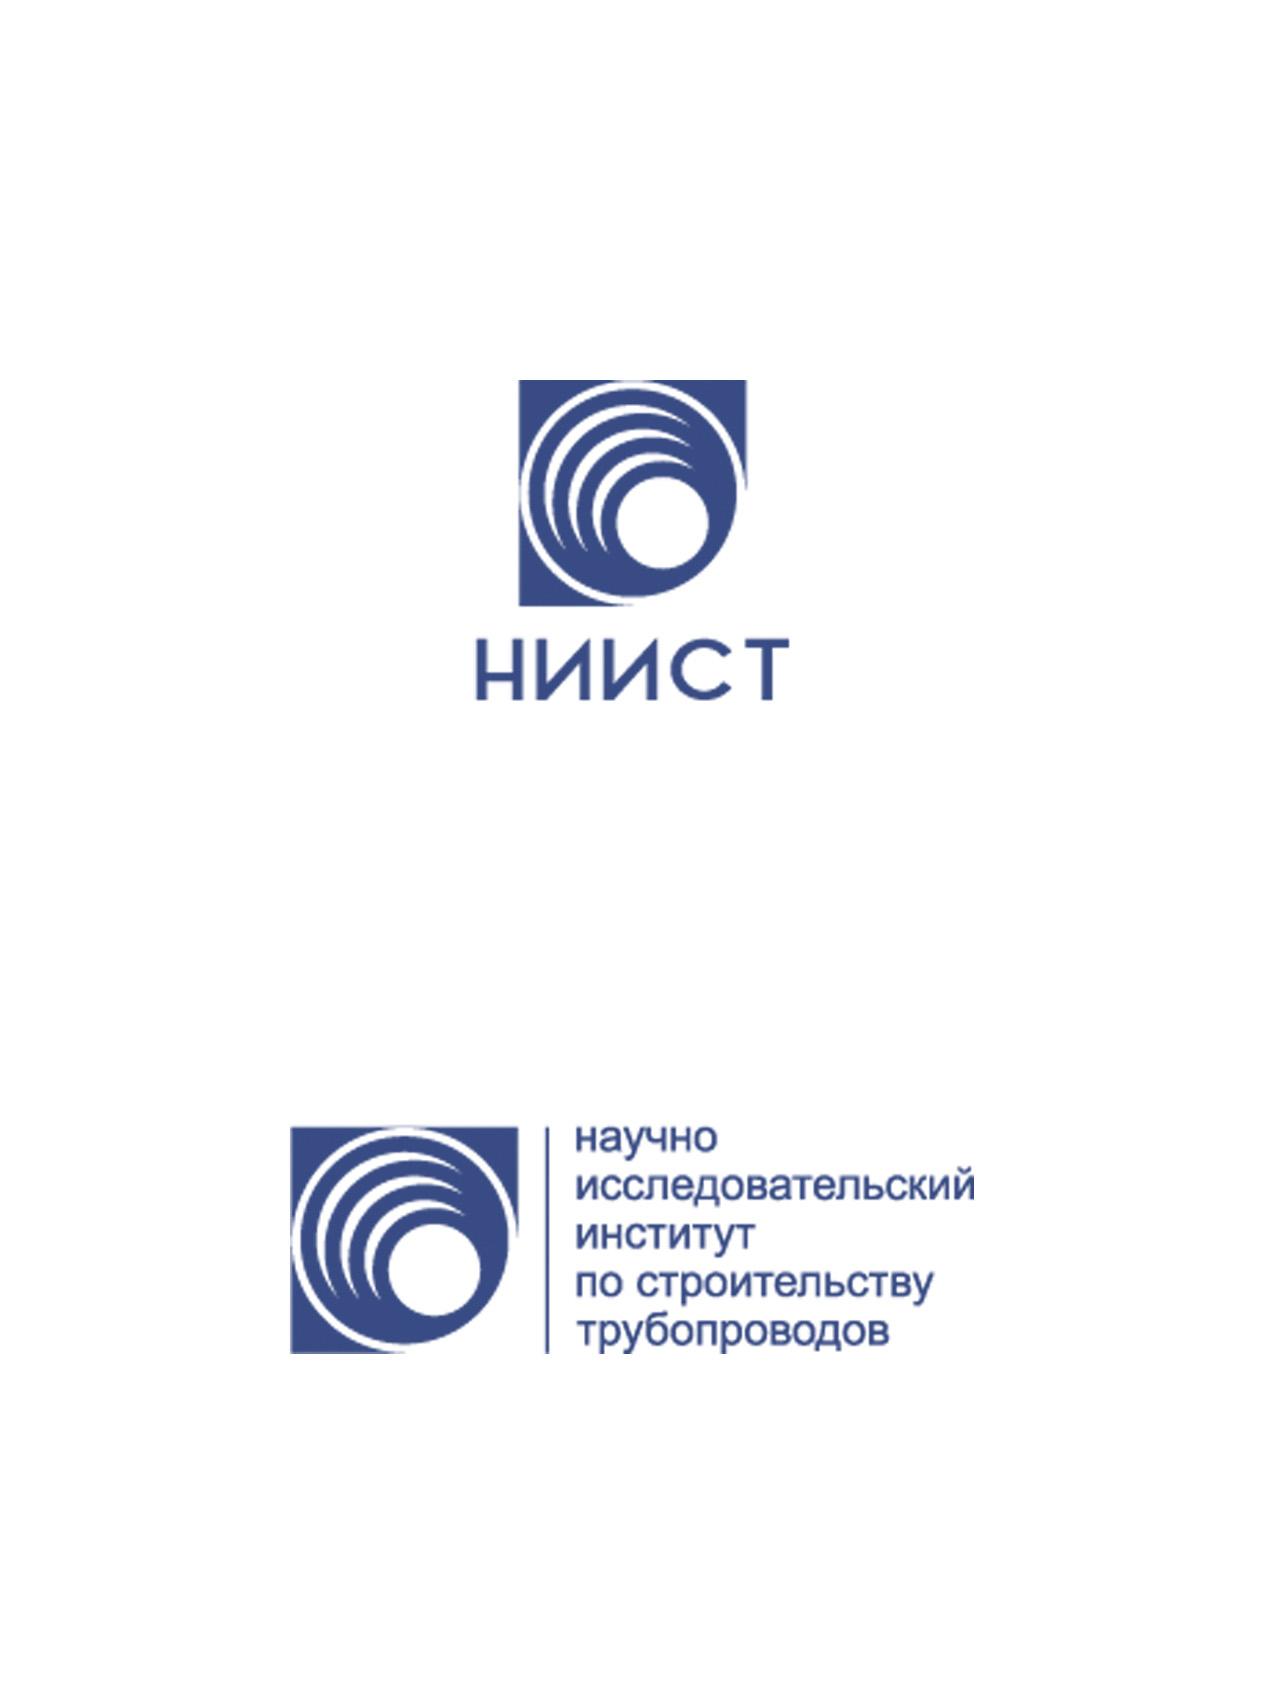 Разработка логотипа фото f_5445ba23c057f95e.jpg